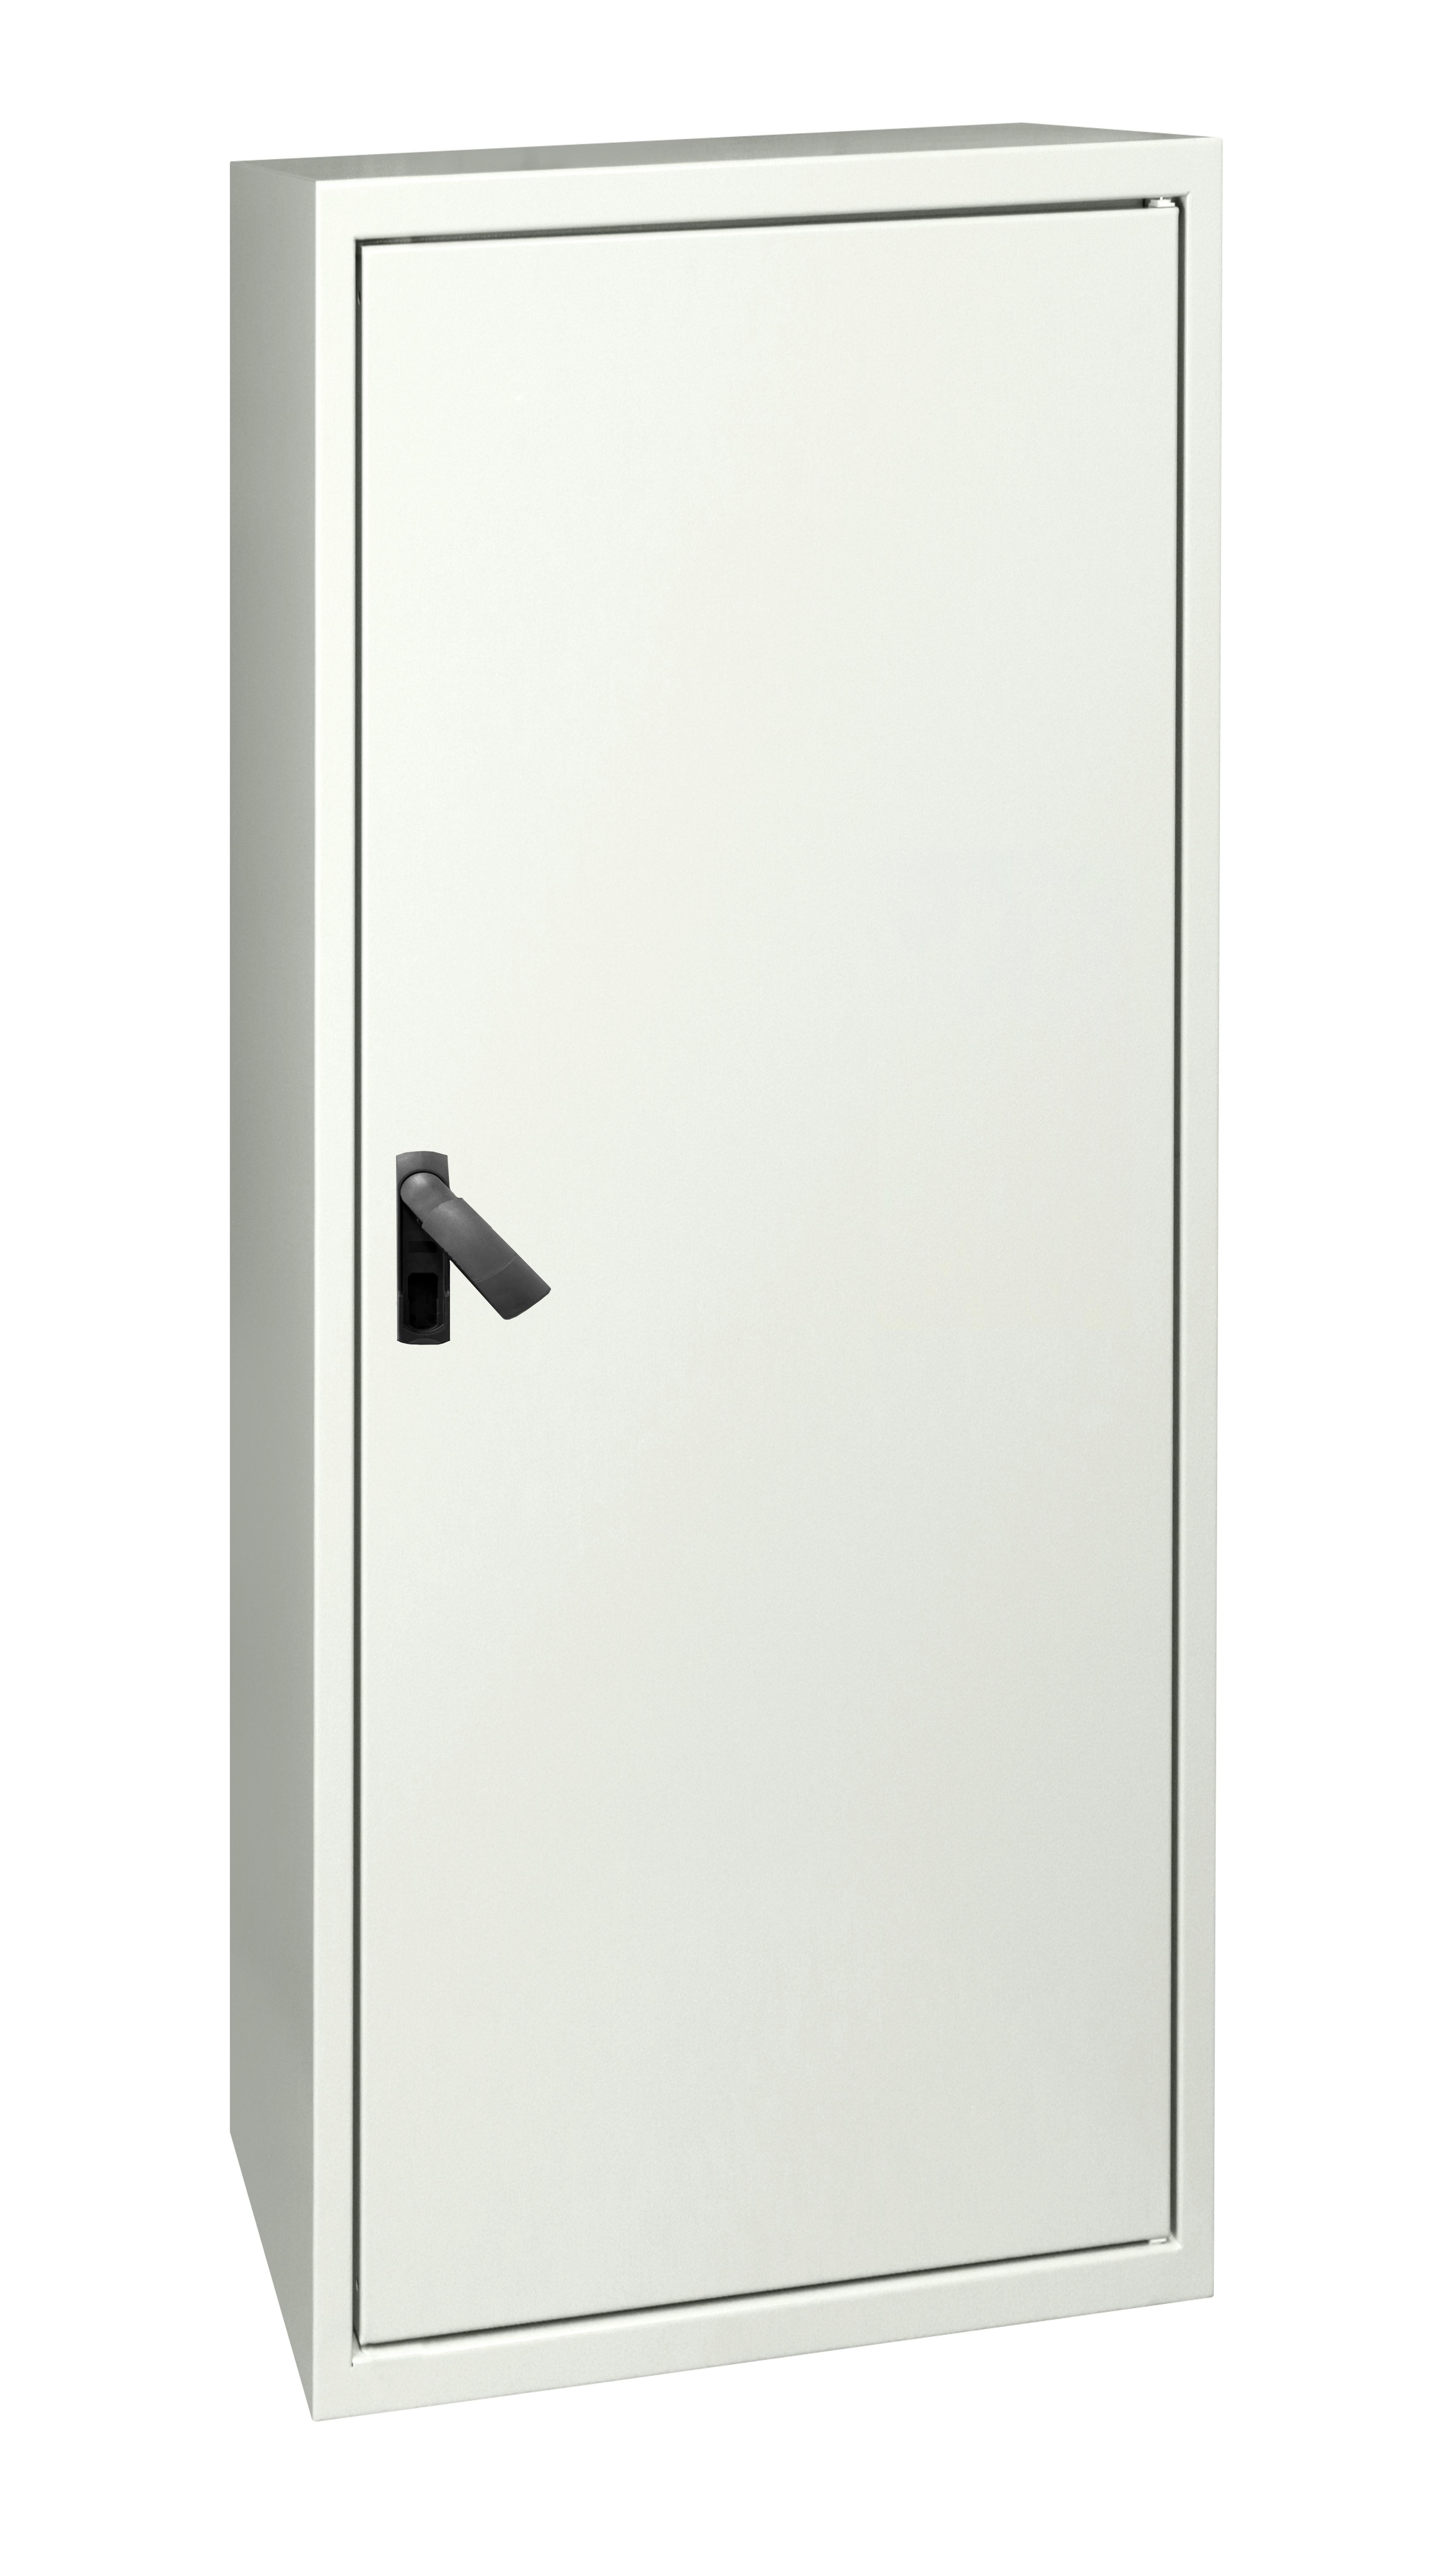 1 Stk Aufputz-Rahmen mit Türe 5A-42/400, H2025B1230T400mm IL009542-F